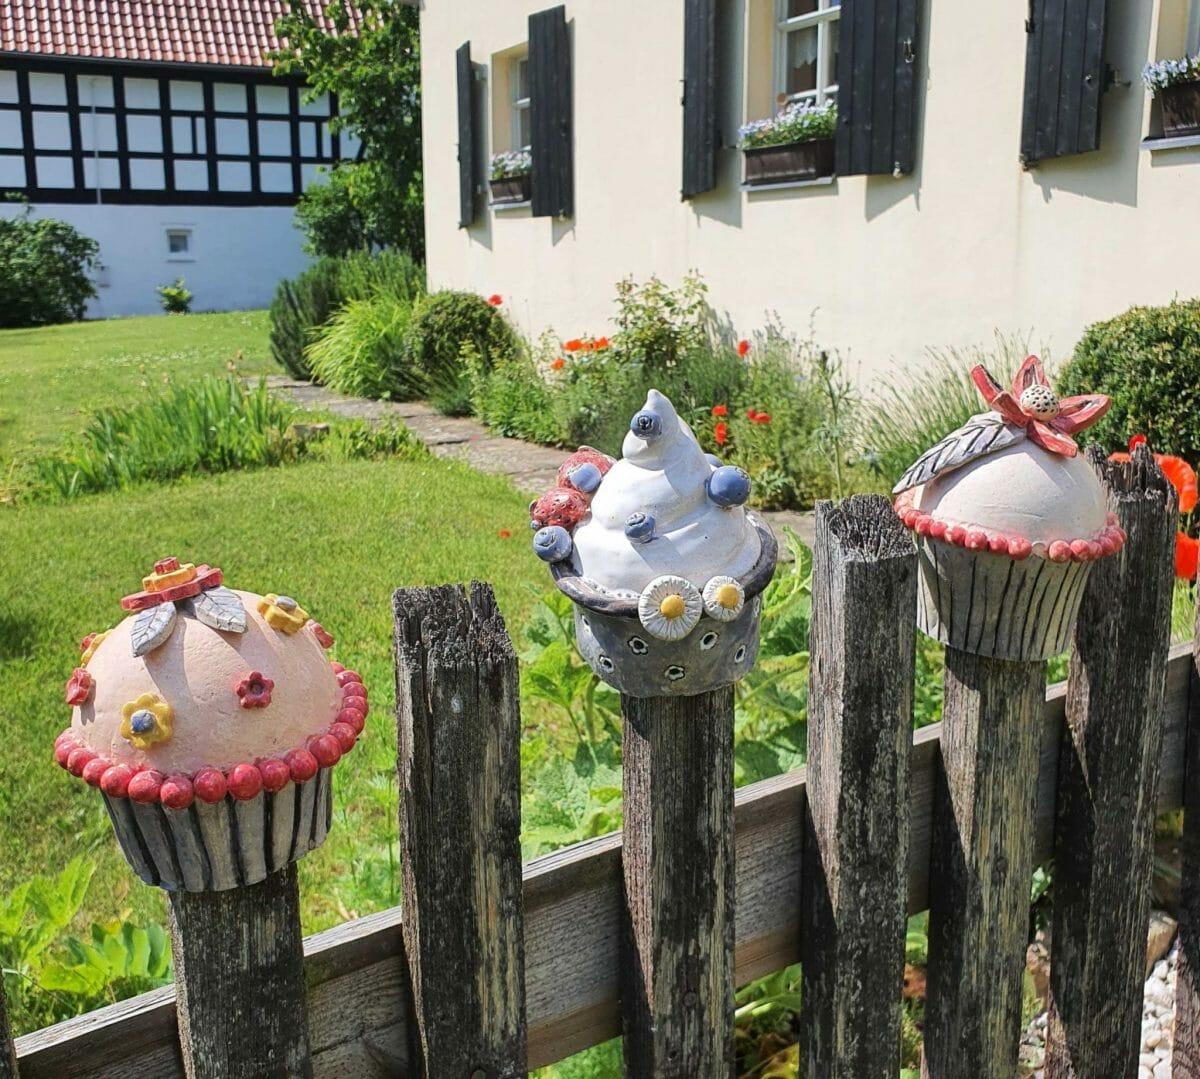 Cupcakes - getöpfert und nicht gebacken, Foto: Maike Steuer